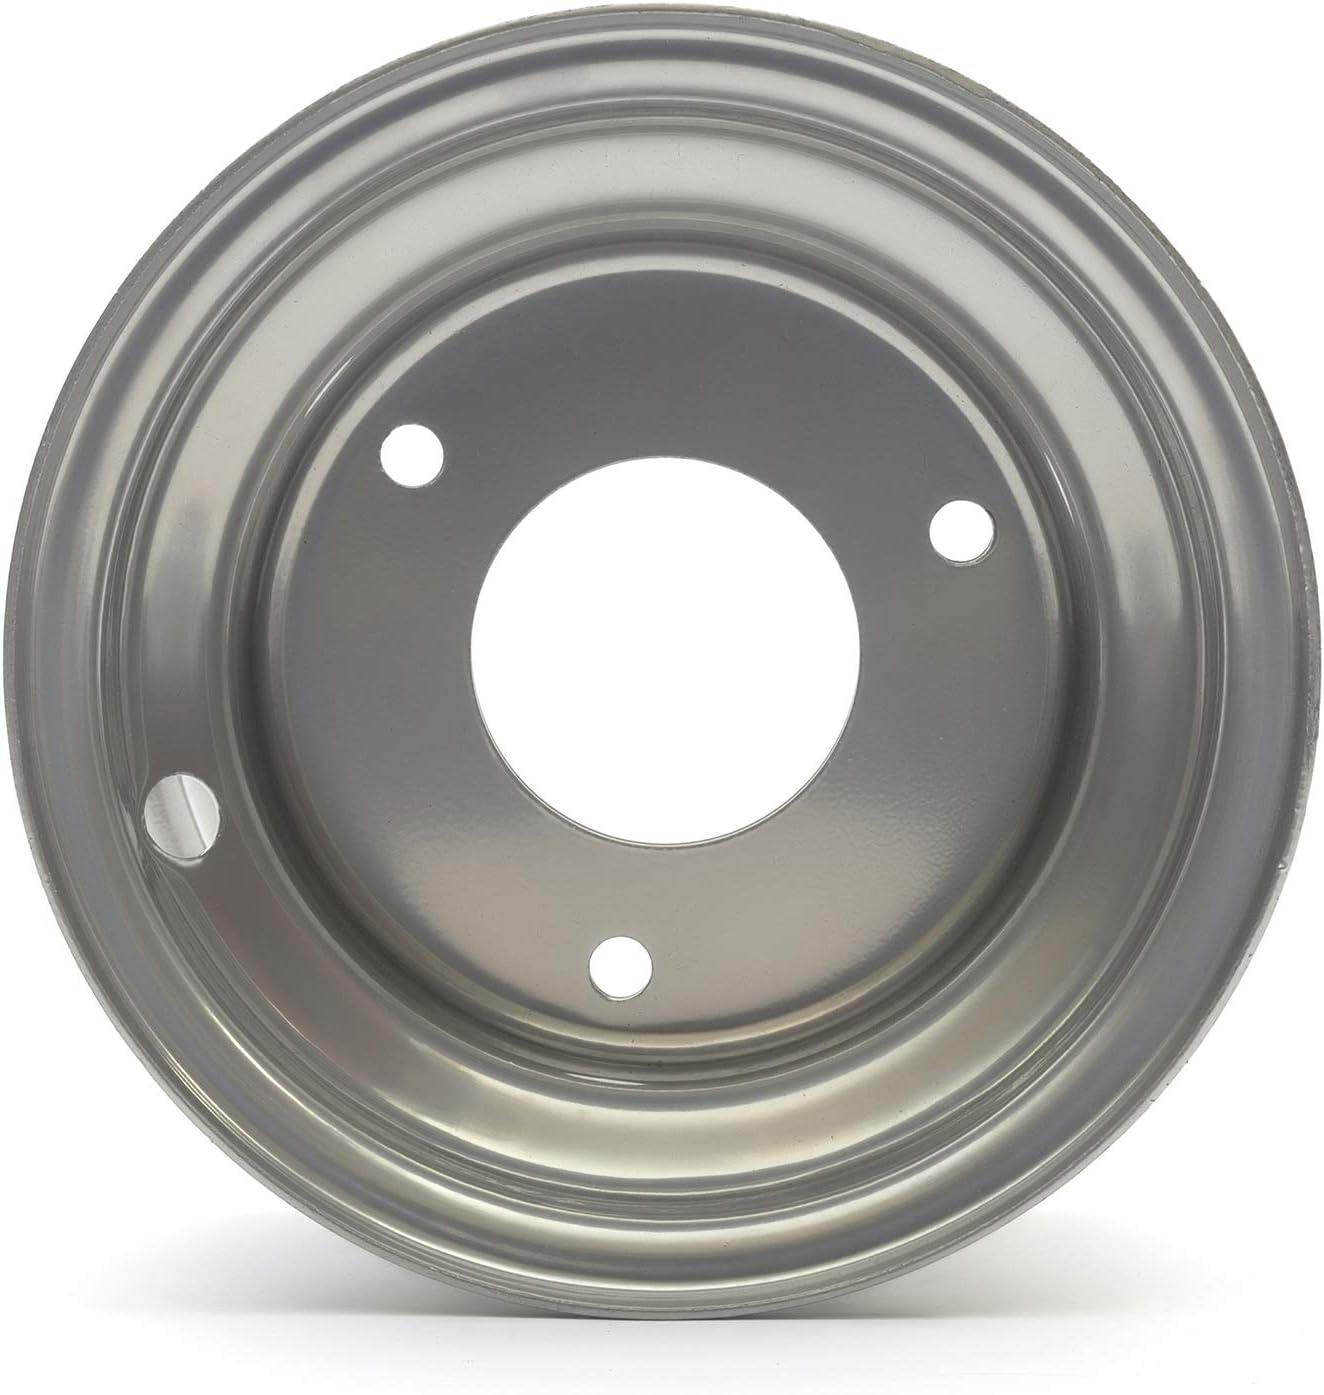 Roue en acier argent/ée pour poussettes 50 cc 70 cc 90 cc convient aux pneus de taille 145 x 70-6 trou central 54 mm